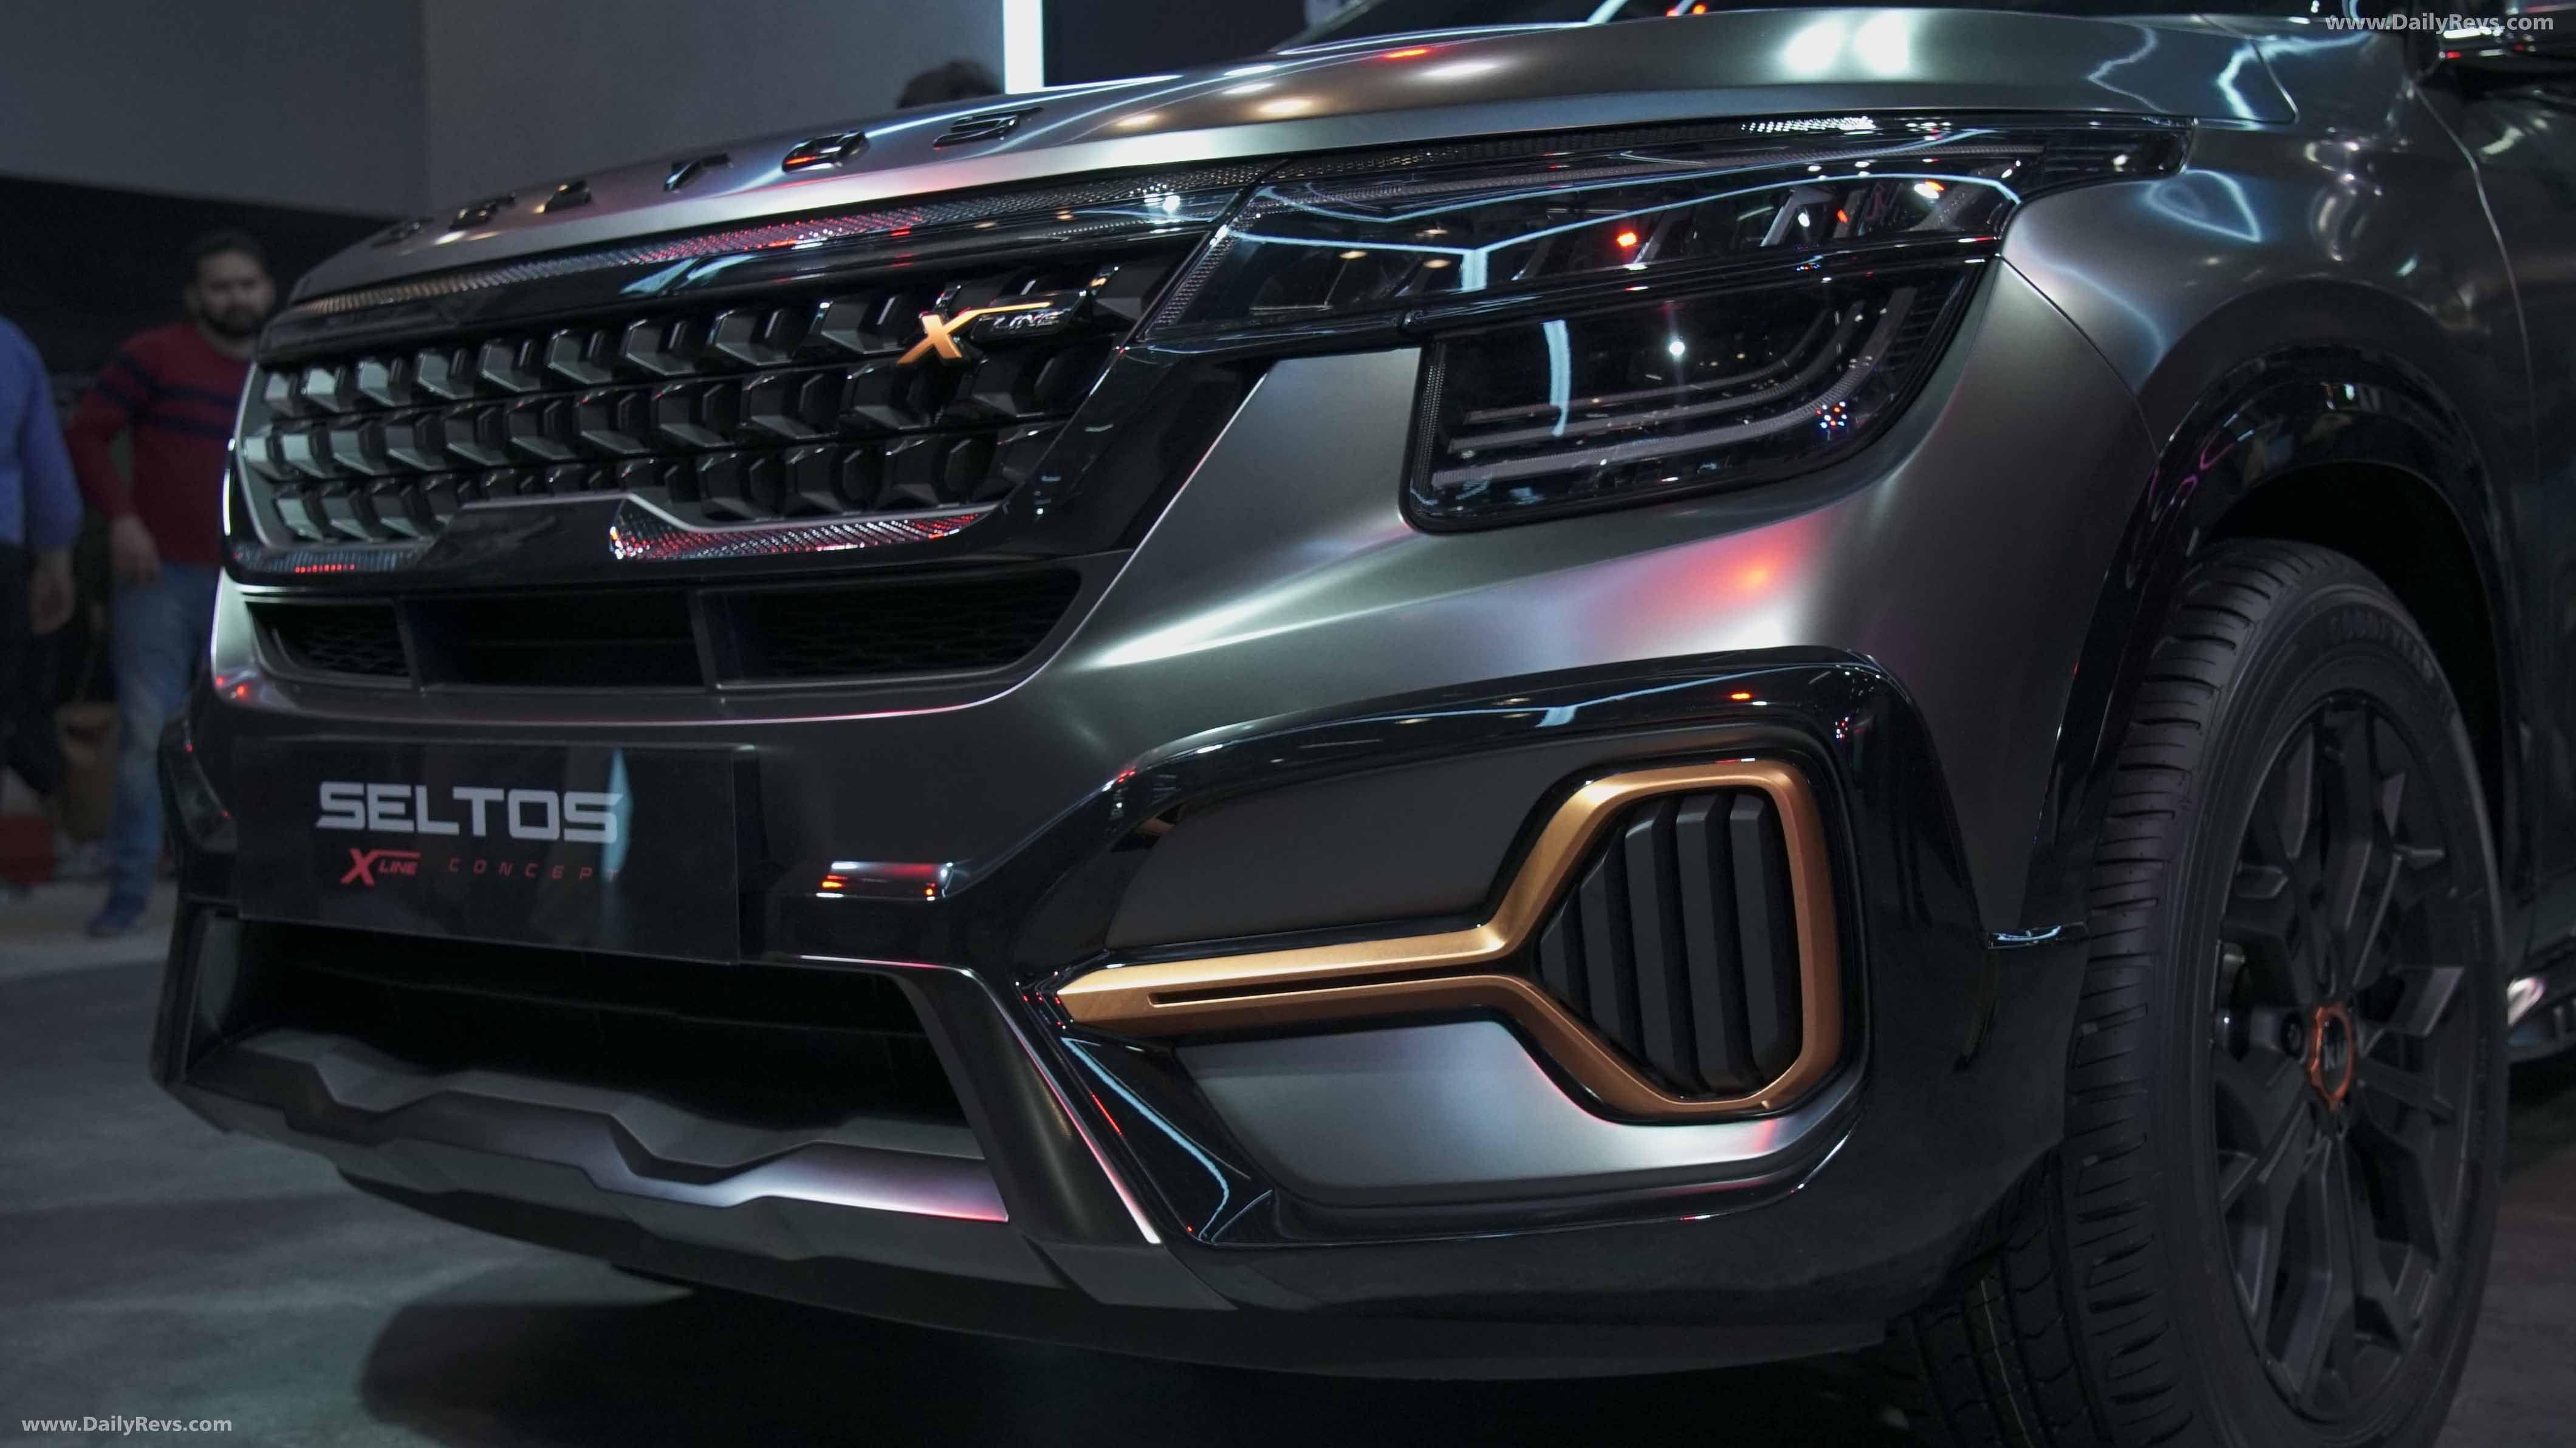 2020 Kia Seltos X Line Dailyrevs In 2020 Kia Kia Motors New Cars